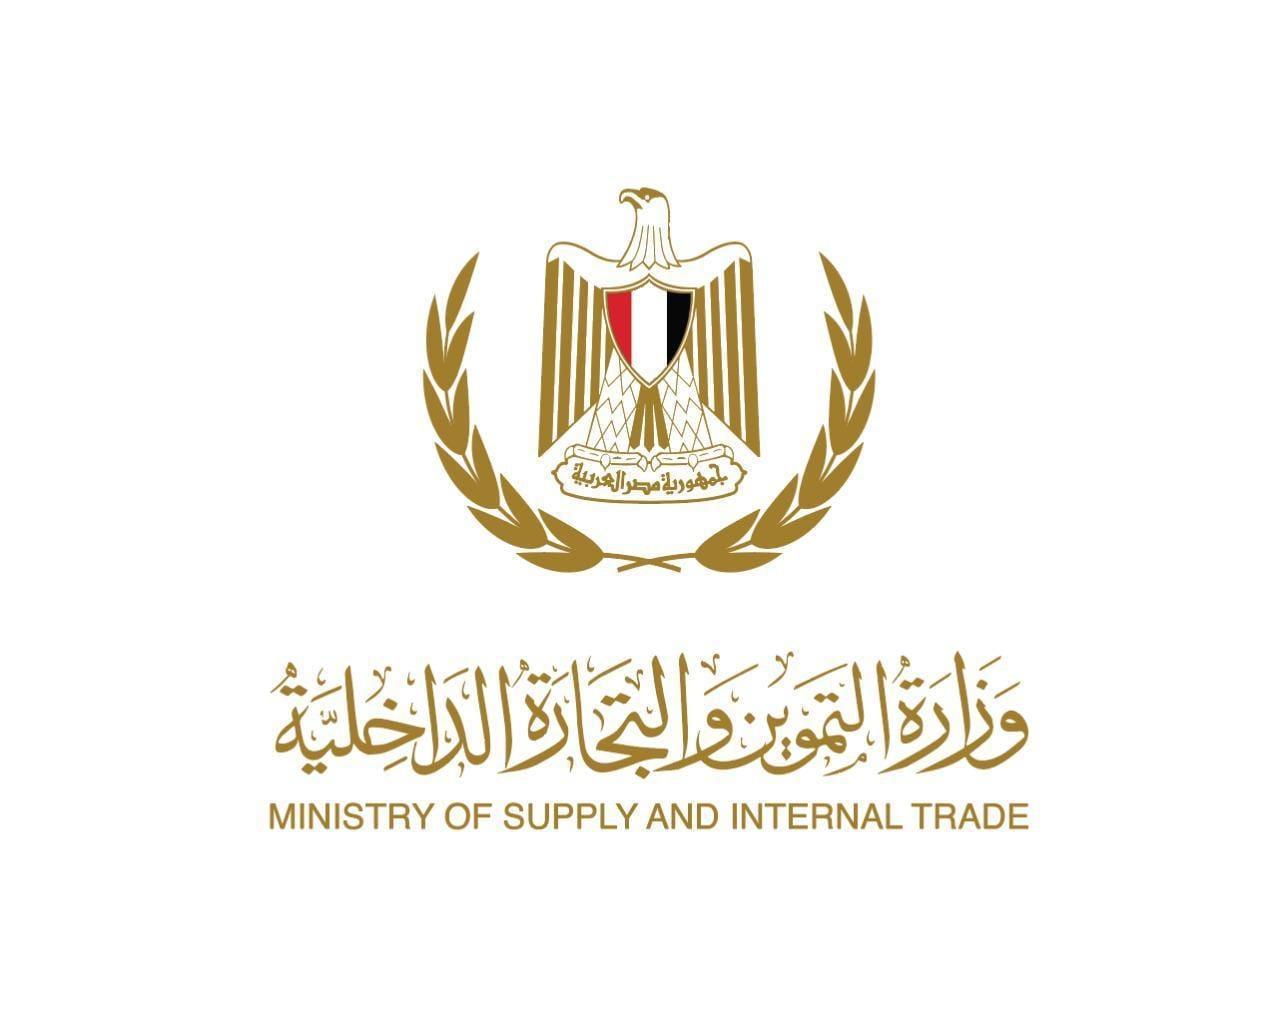 بيان صحفي  وزارة التموين والتجارة الداخلية